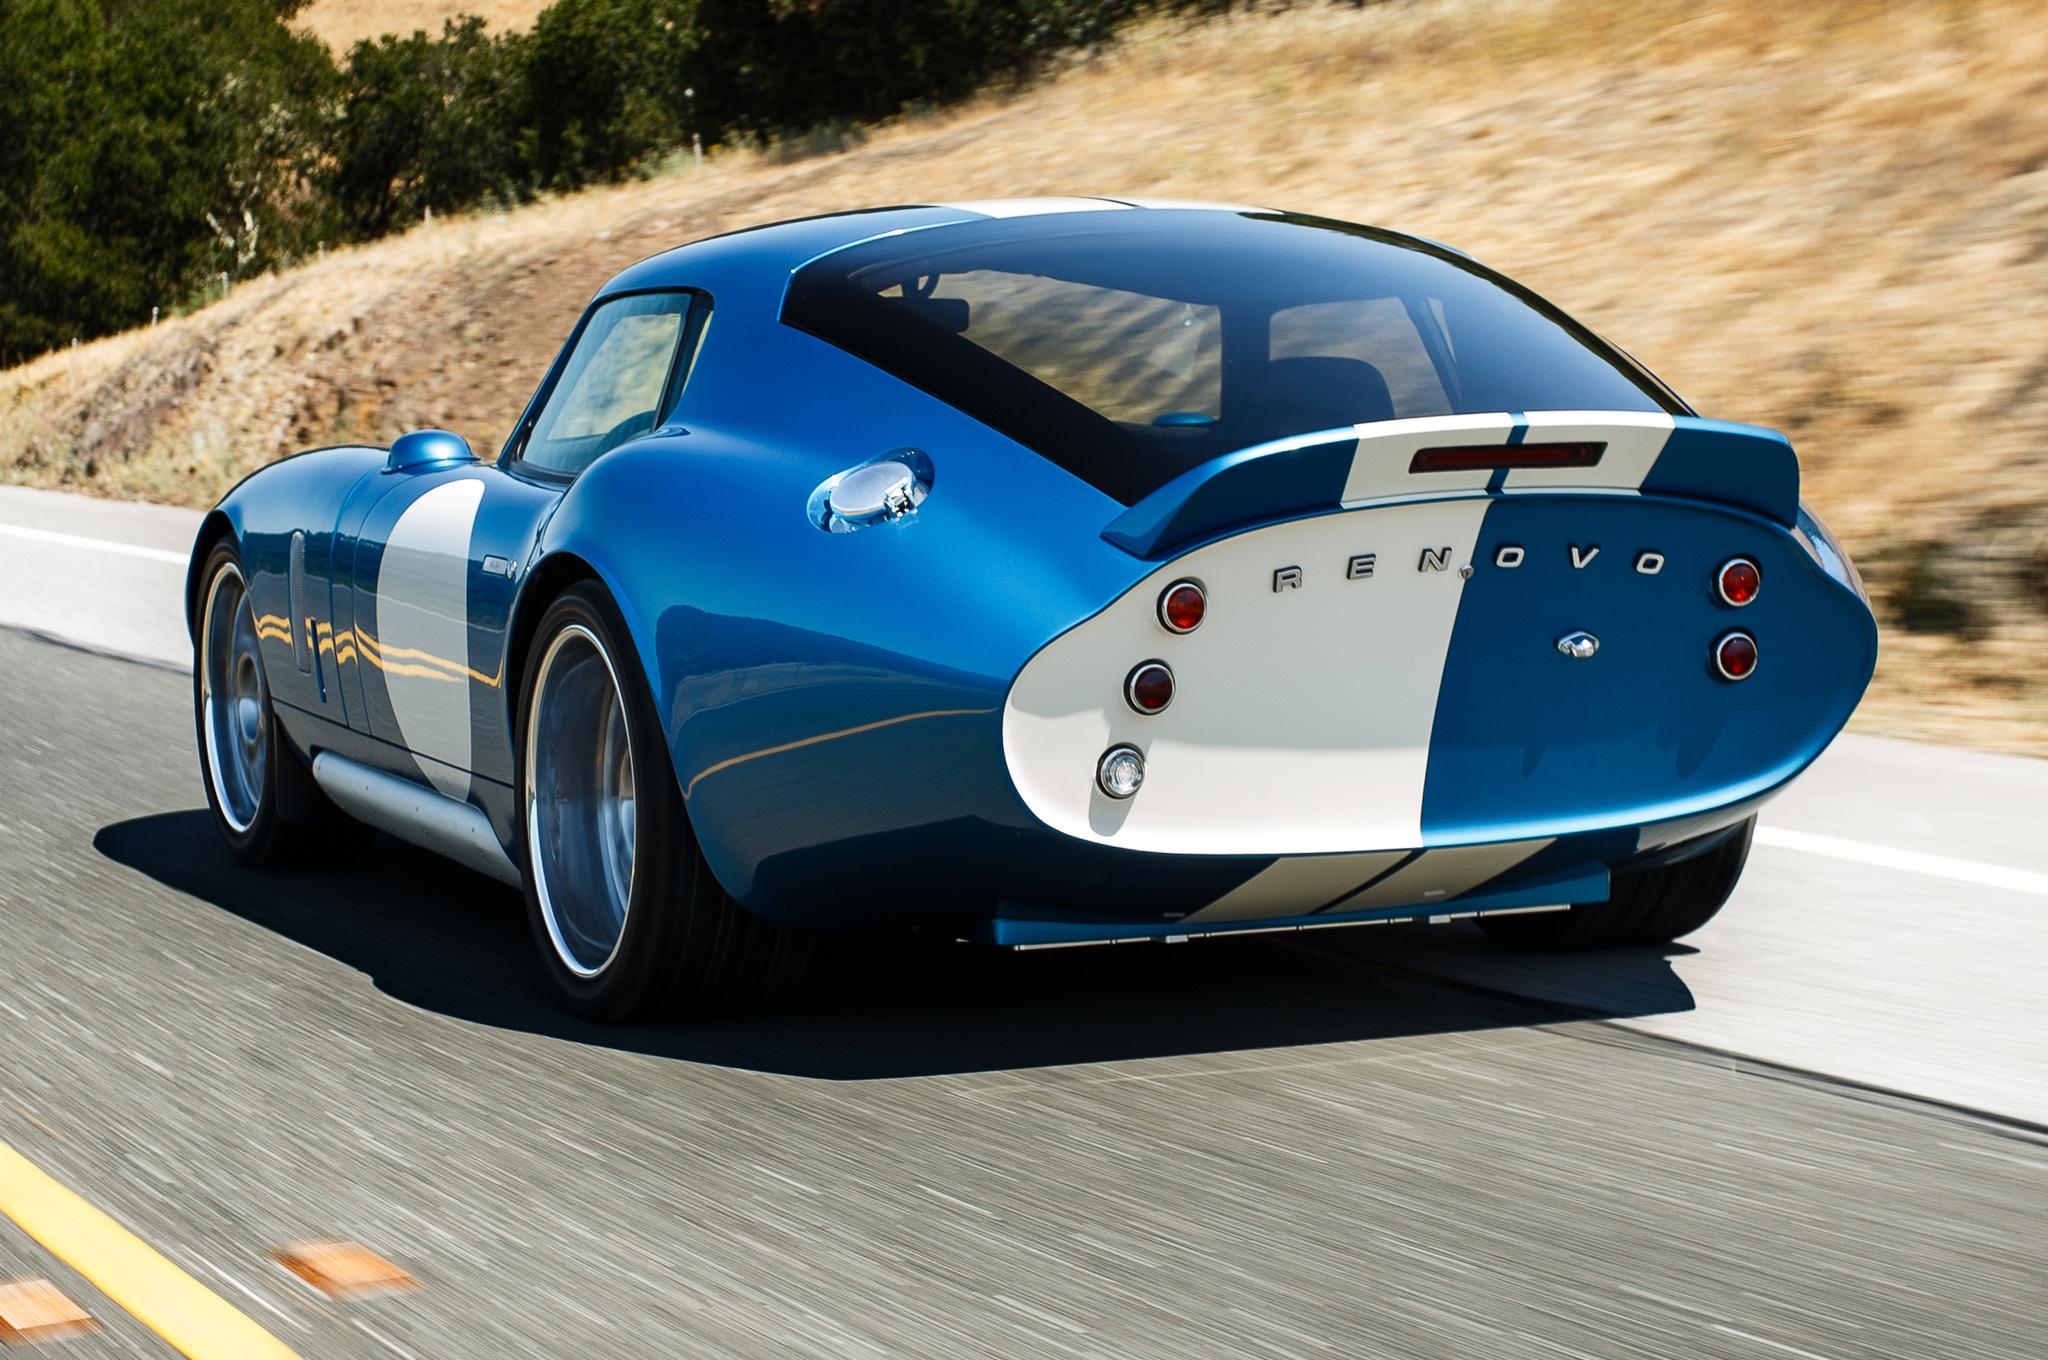 News automobile haut-de-gamme et voitures insolites